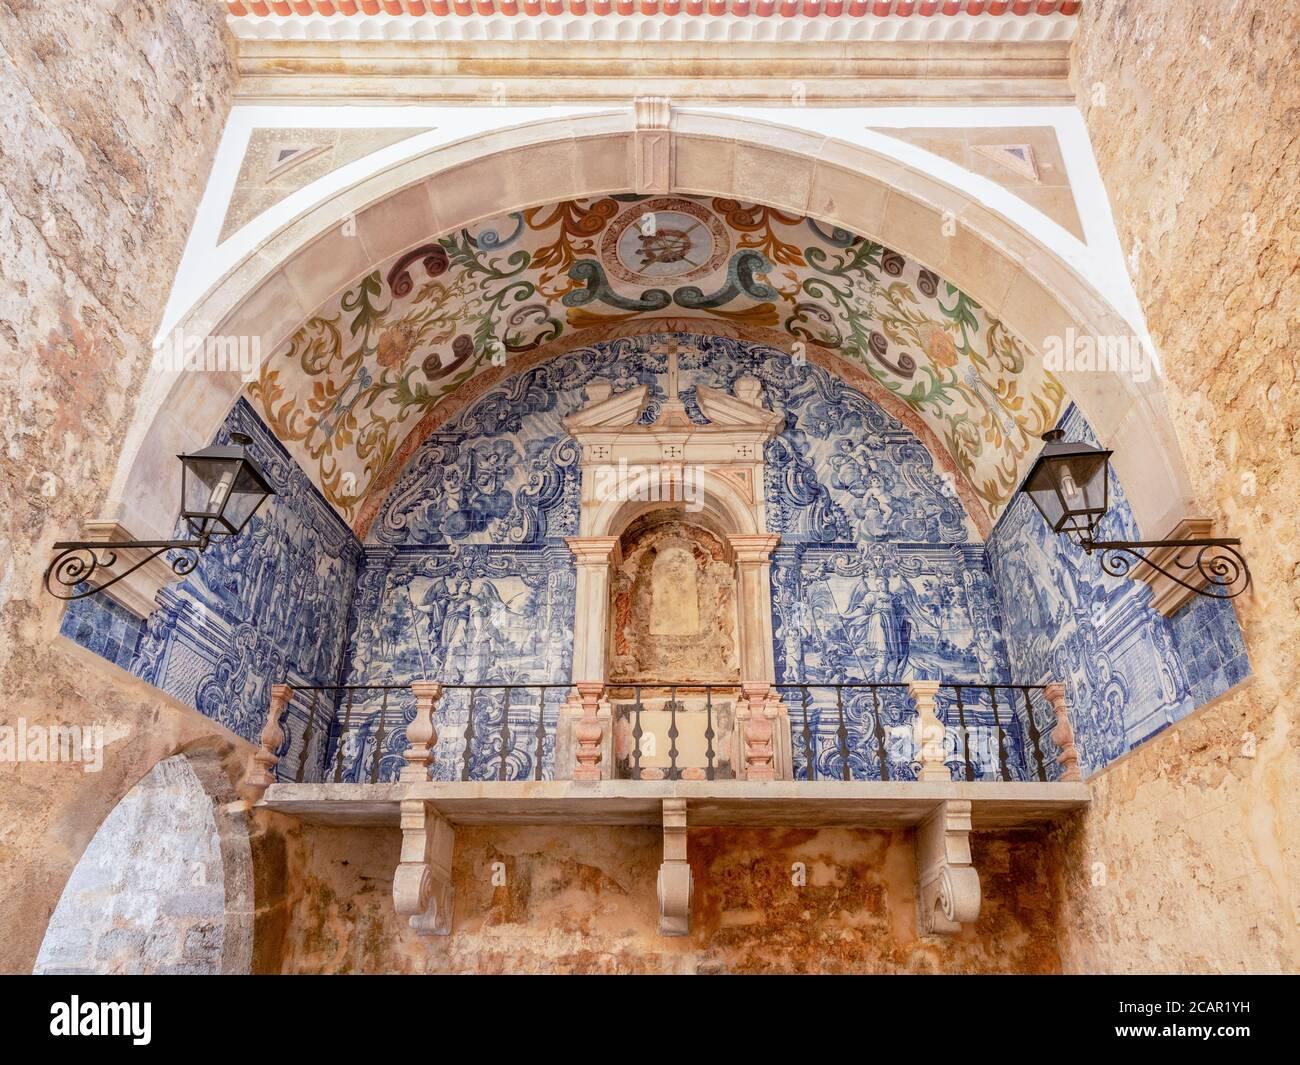 Azulejo Fliesendekoration im Gewölbe des Haupttores in der ummauerten Stadt Obidos, Portugal. Stockfoto